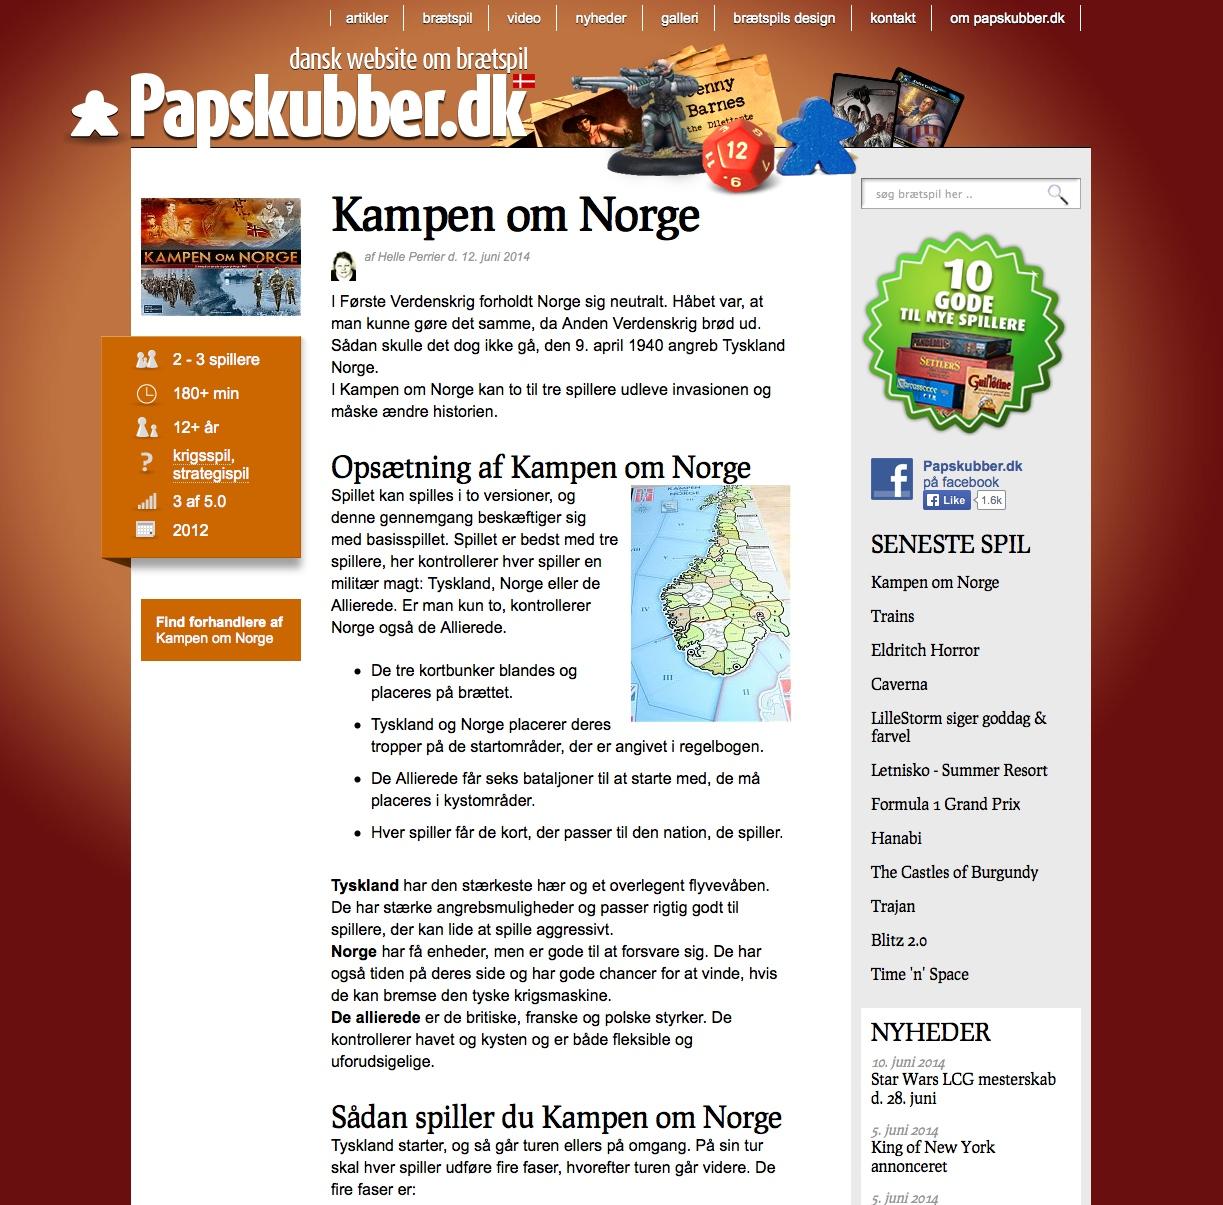 KoN på papsklubber.dk